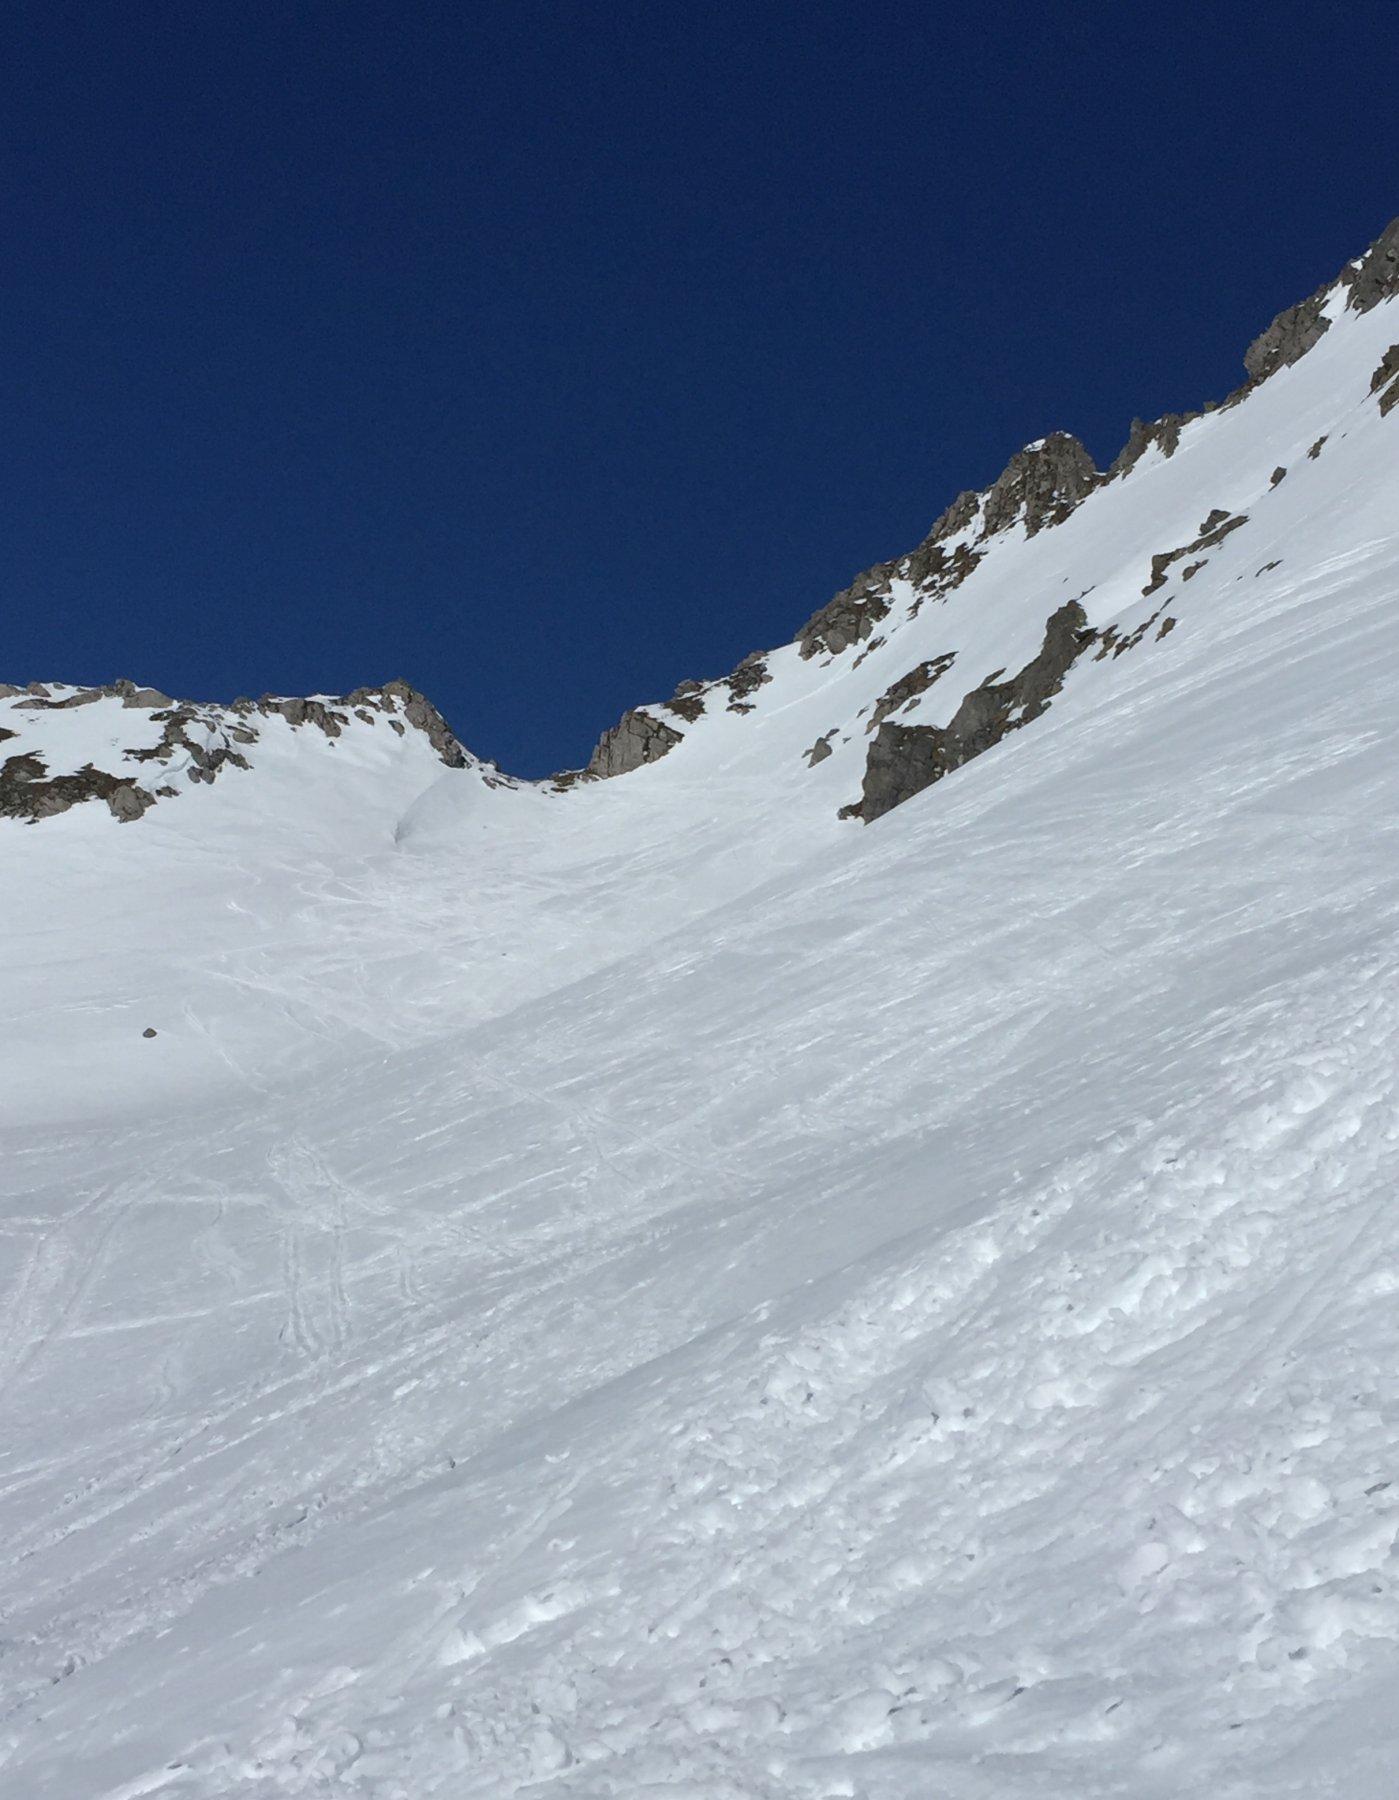 Il colle dietro alla capanna, da valicare per discendere sul ghiacciaio di Valleggia